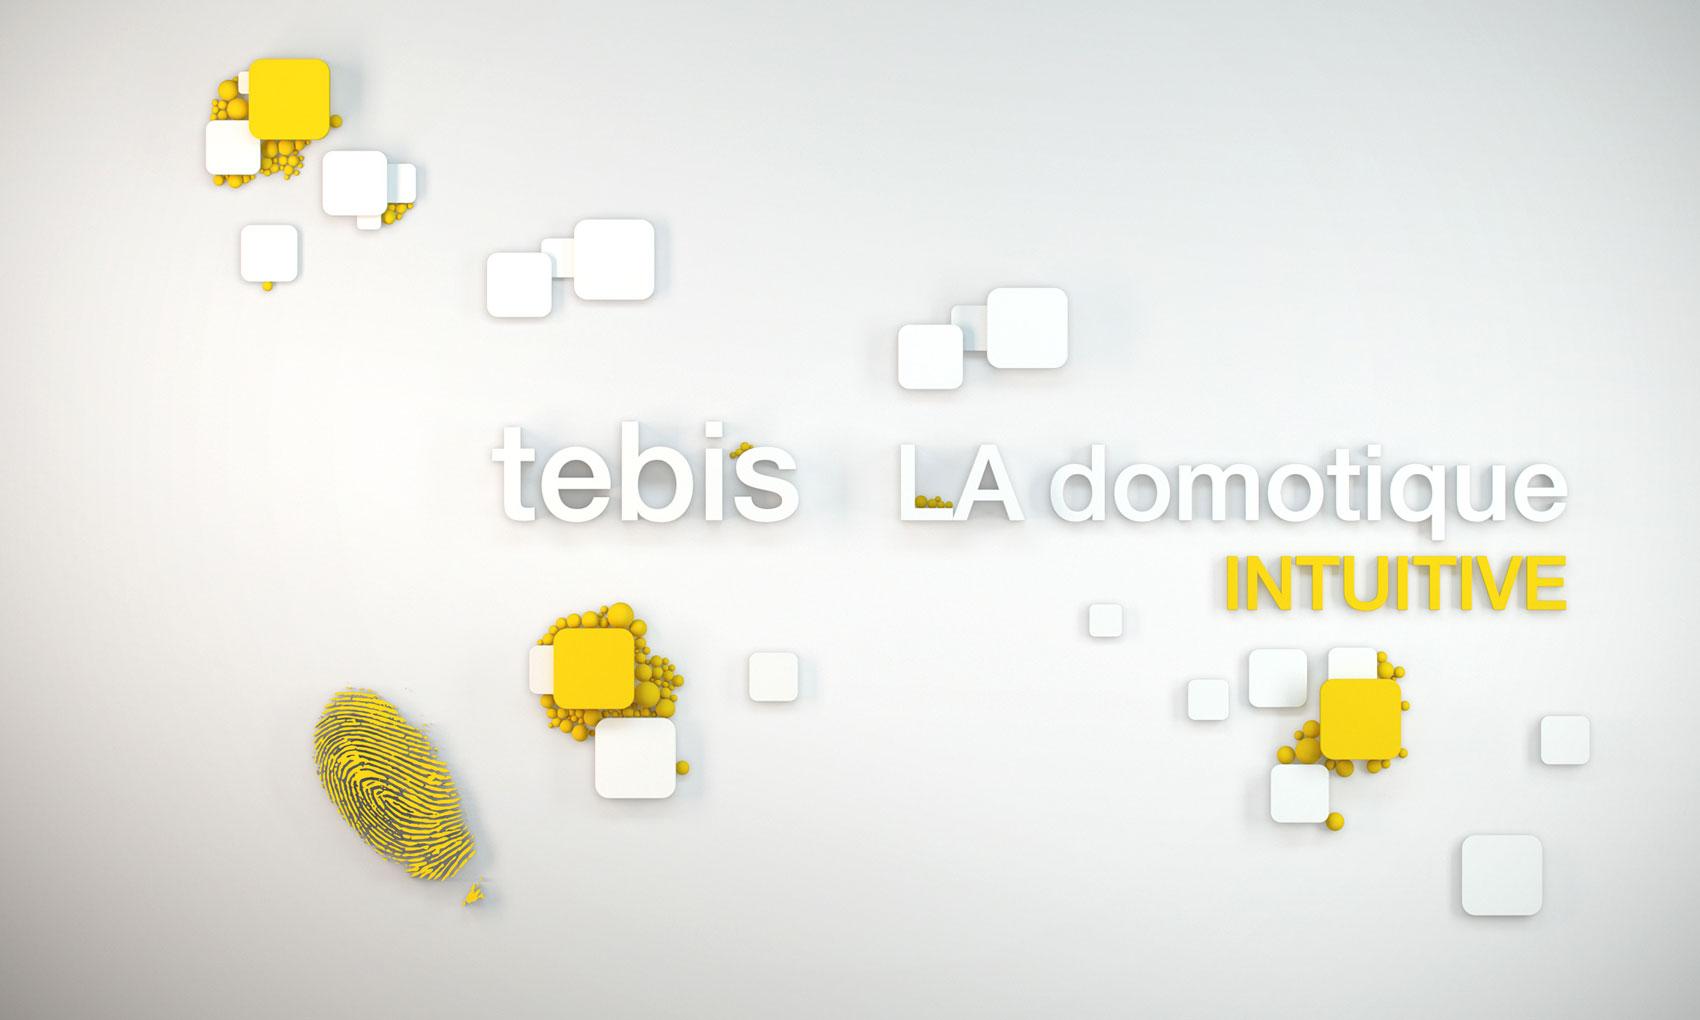 tebis-la-domotique-4